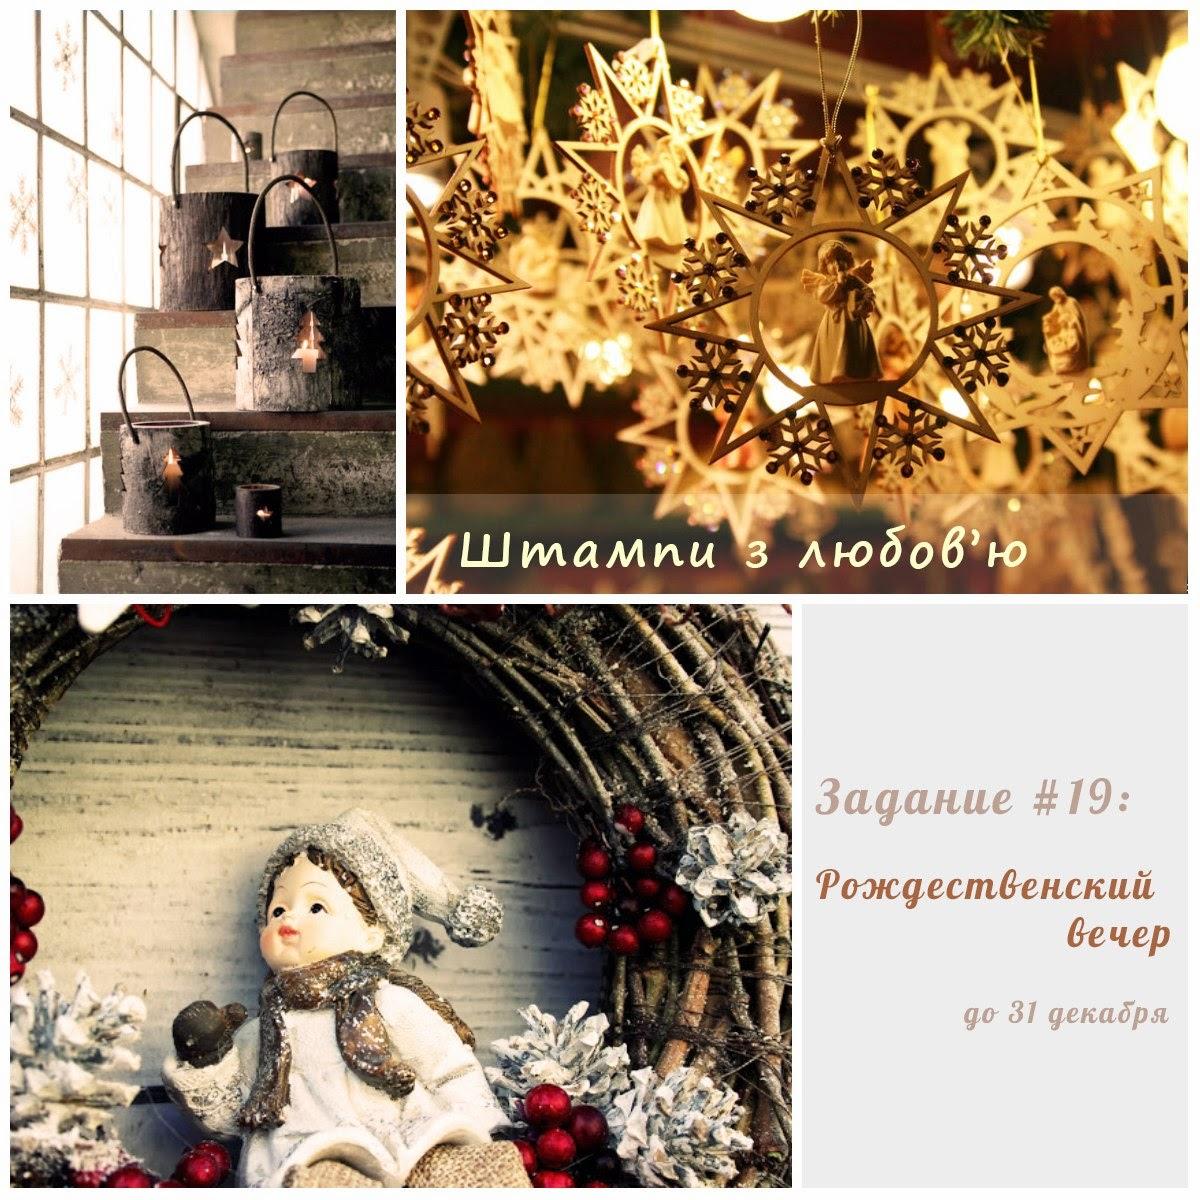 http://stampsforcrafts.blogspot.com/2014/12/19-19.html